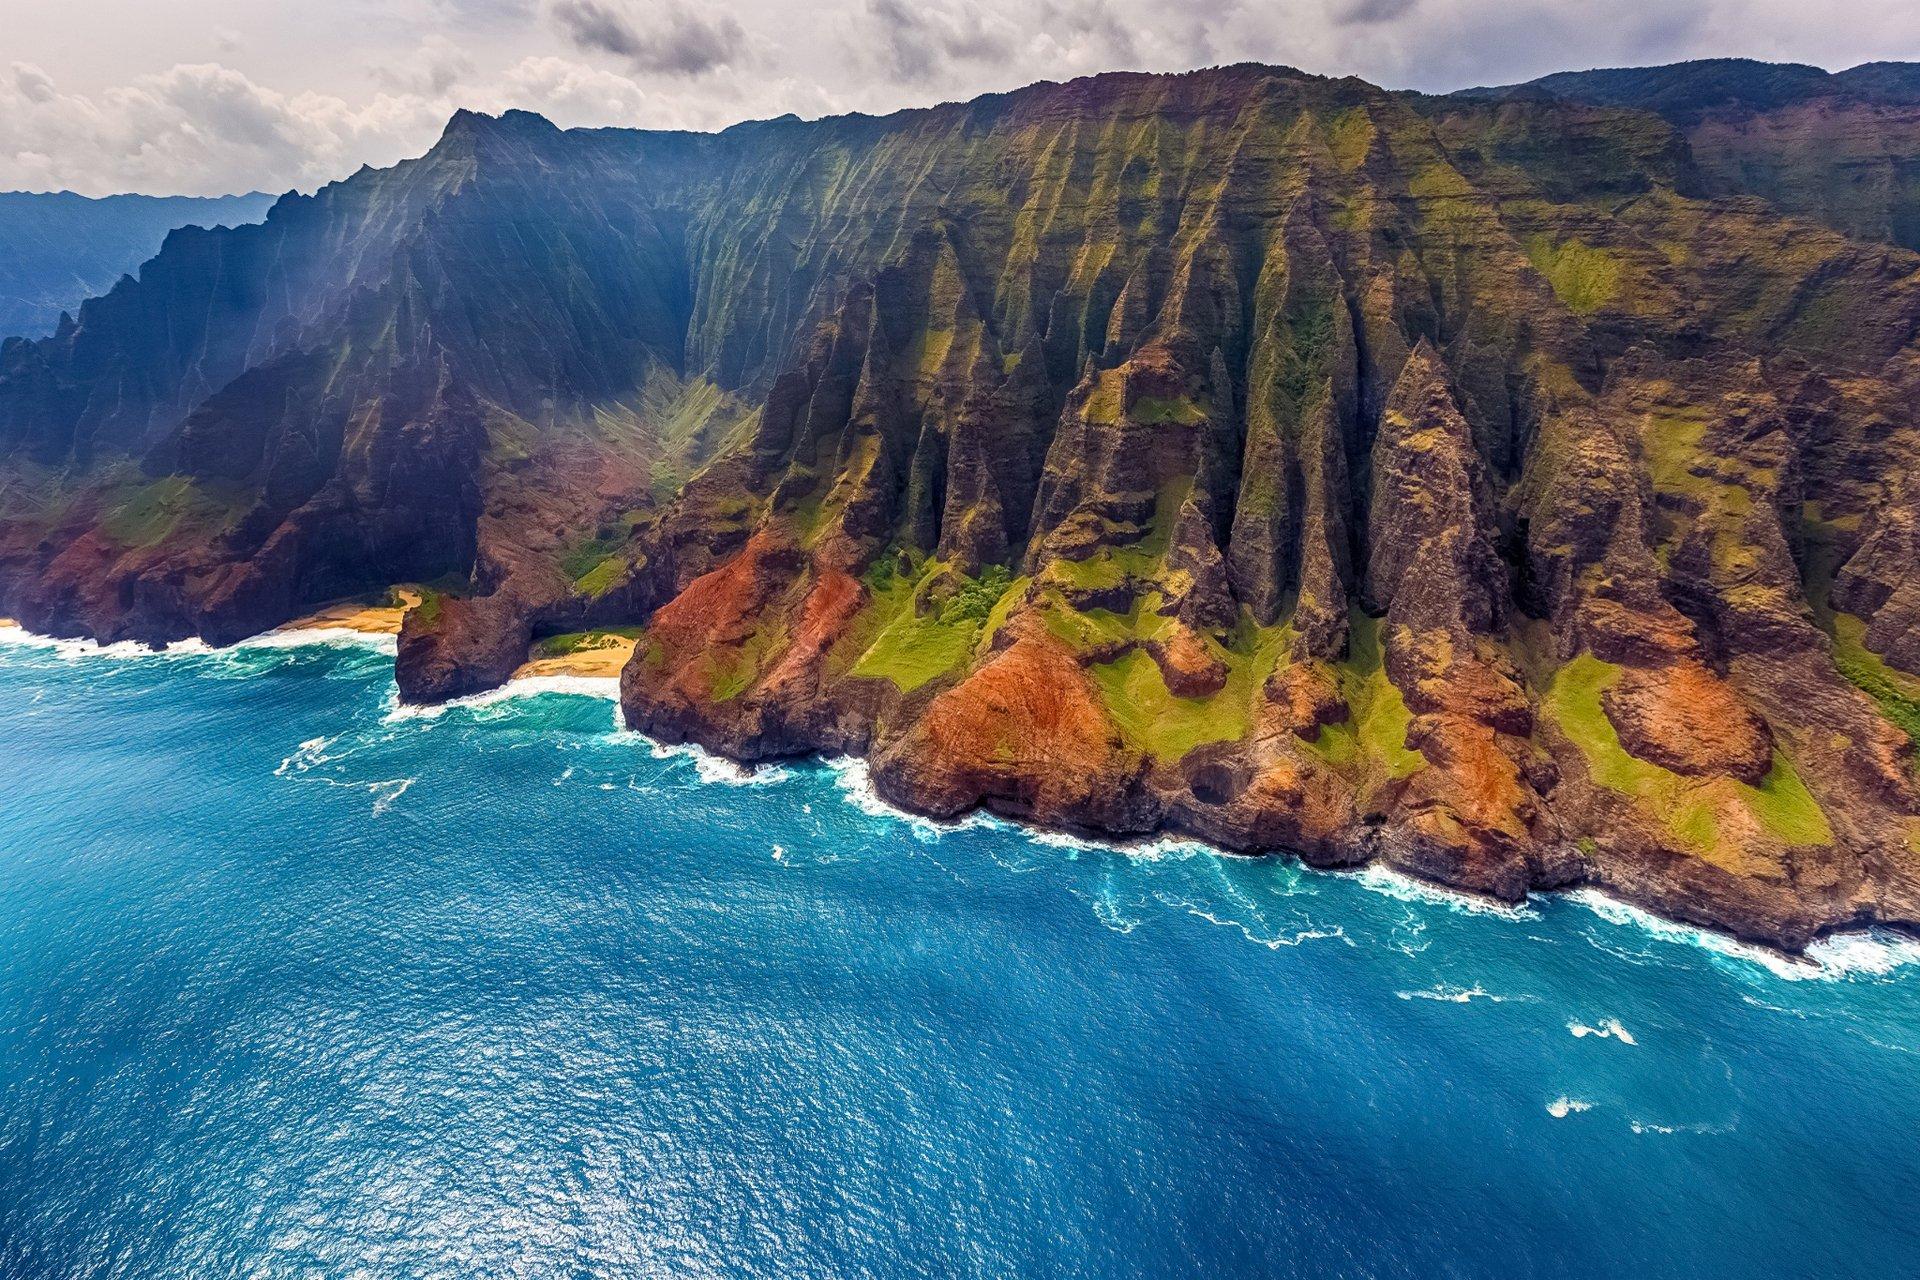 картинка горы лес океан глаза обезьянки